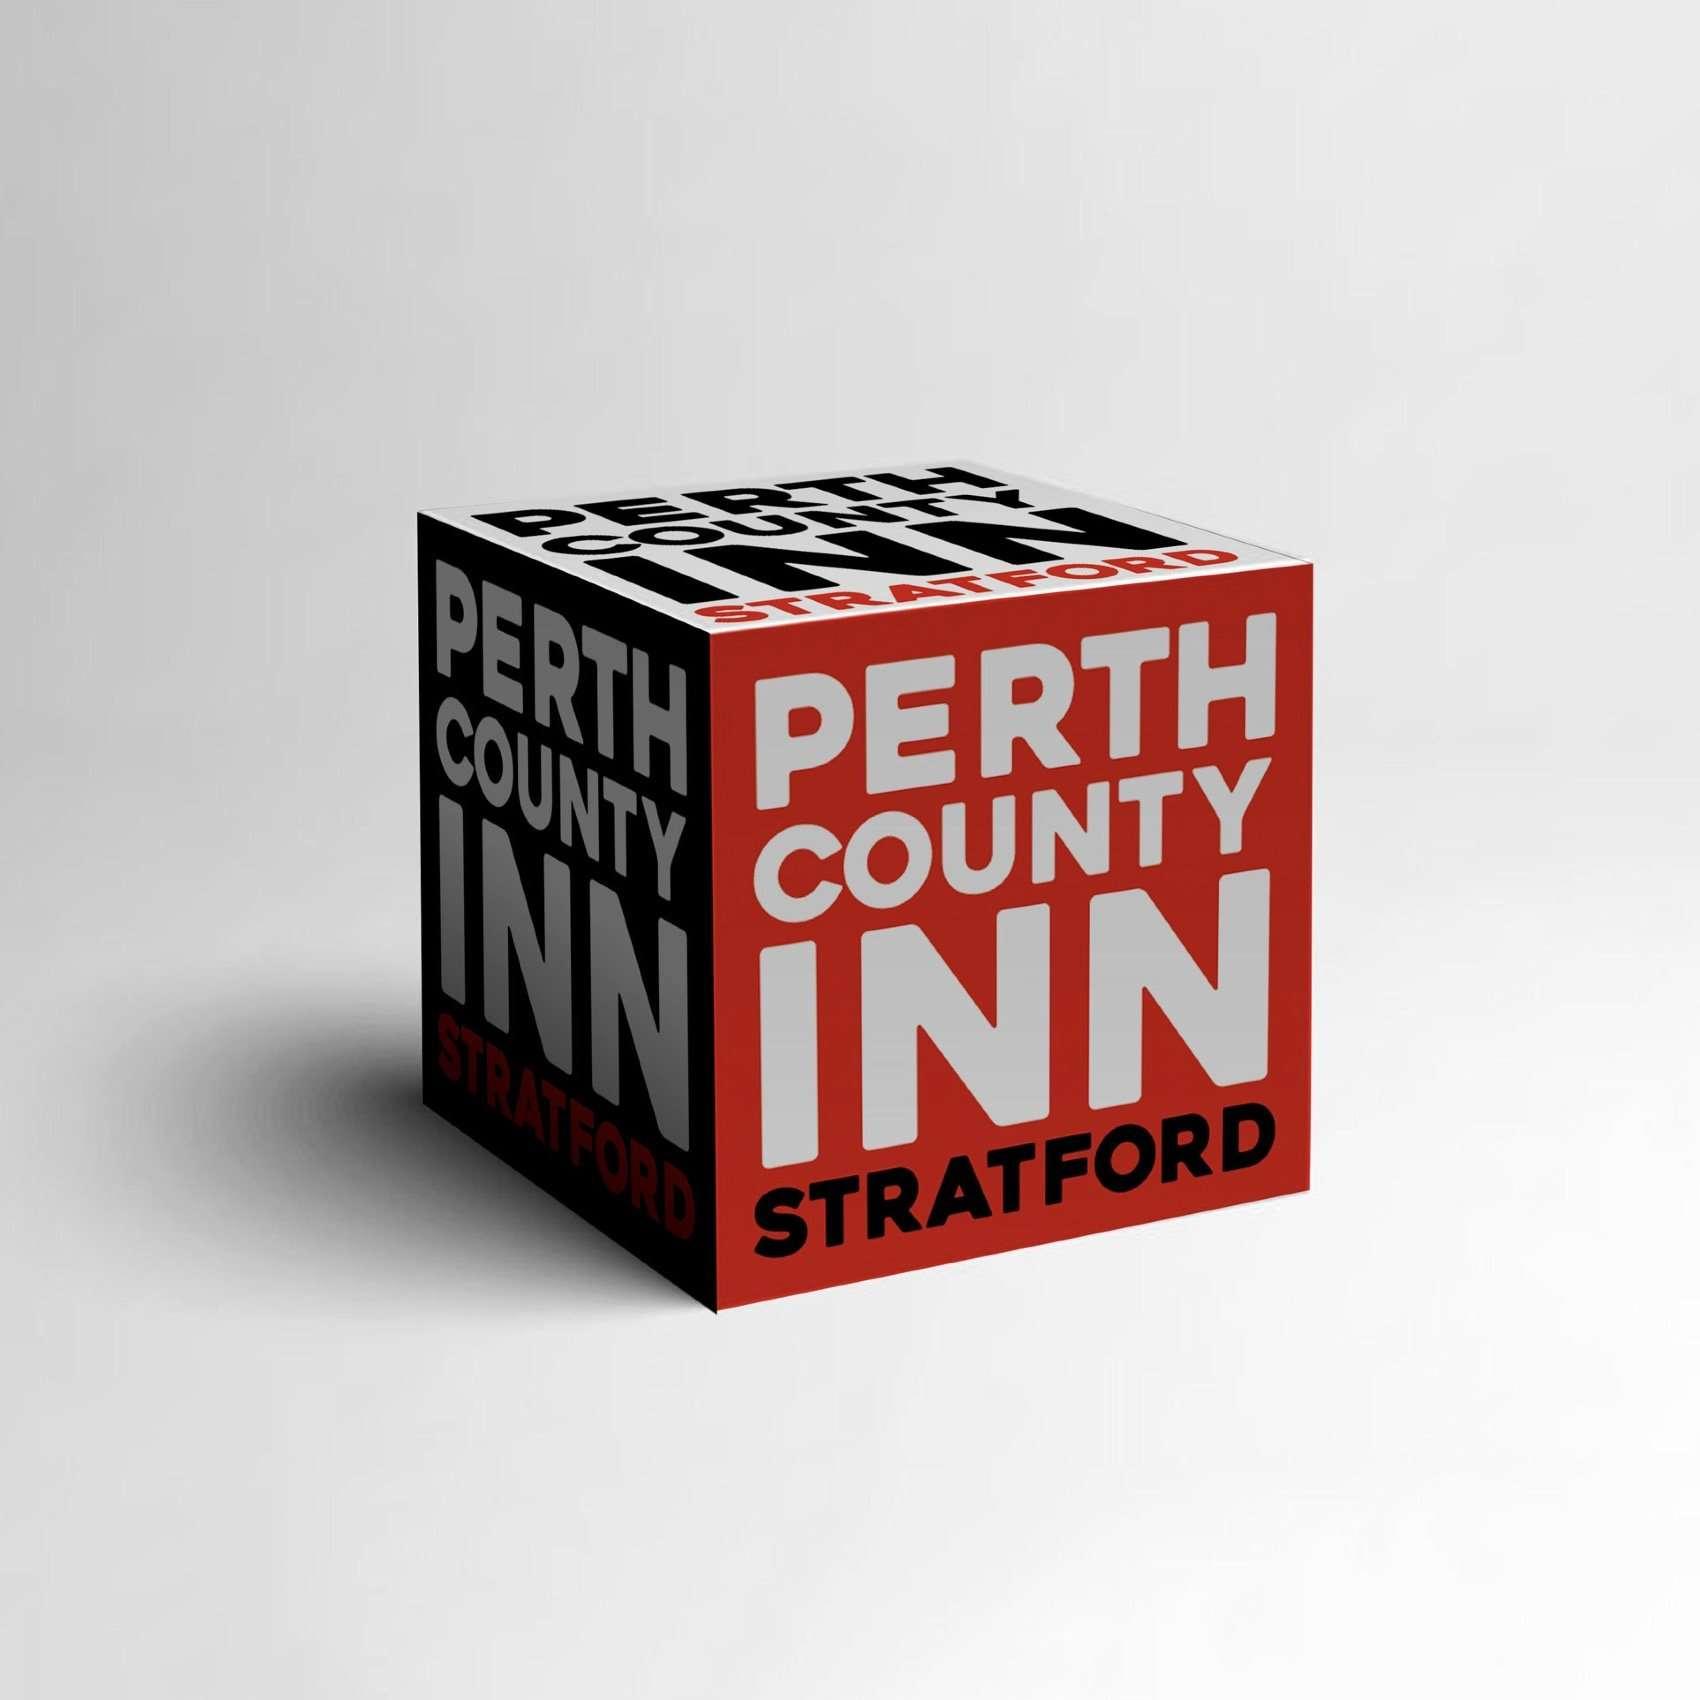 Perth County Inn